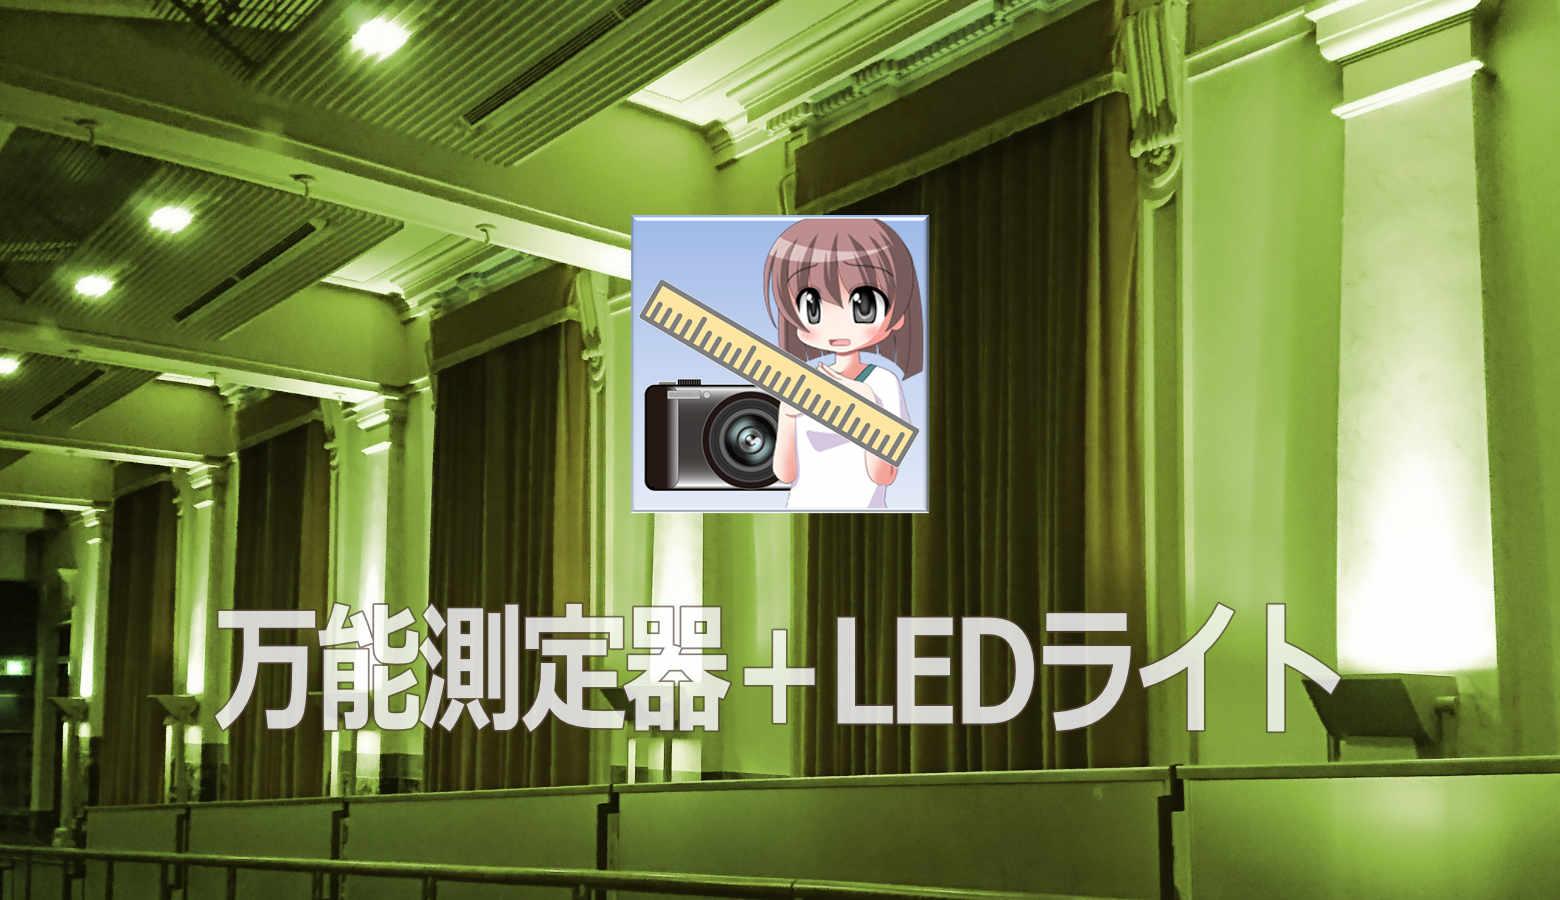 無料で使えるアプリ、万能測定器+LEDライトでどんな事ができるのか【Android/iOS/アプリ】